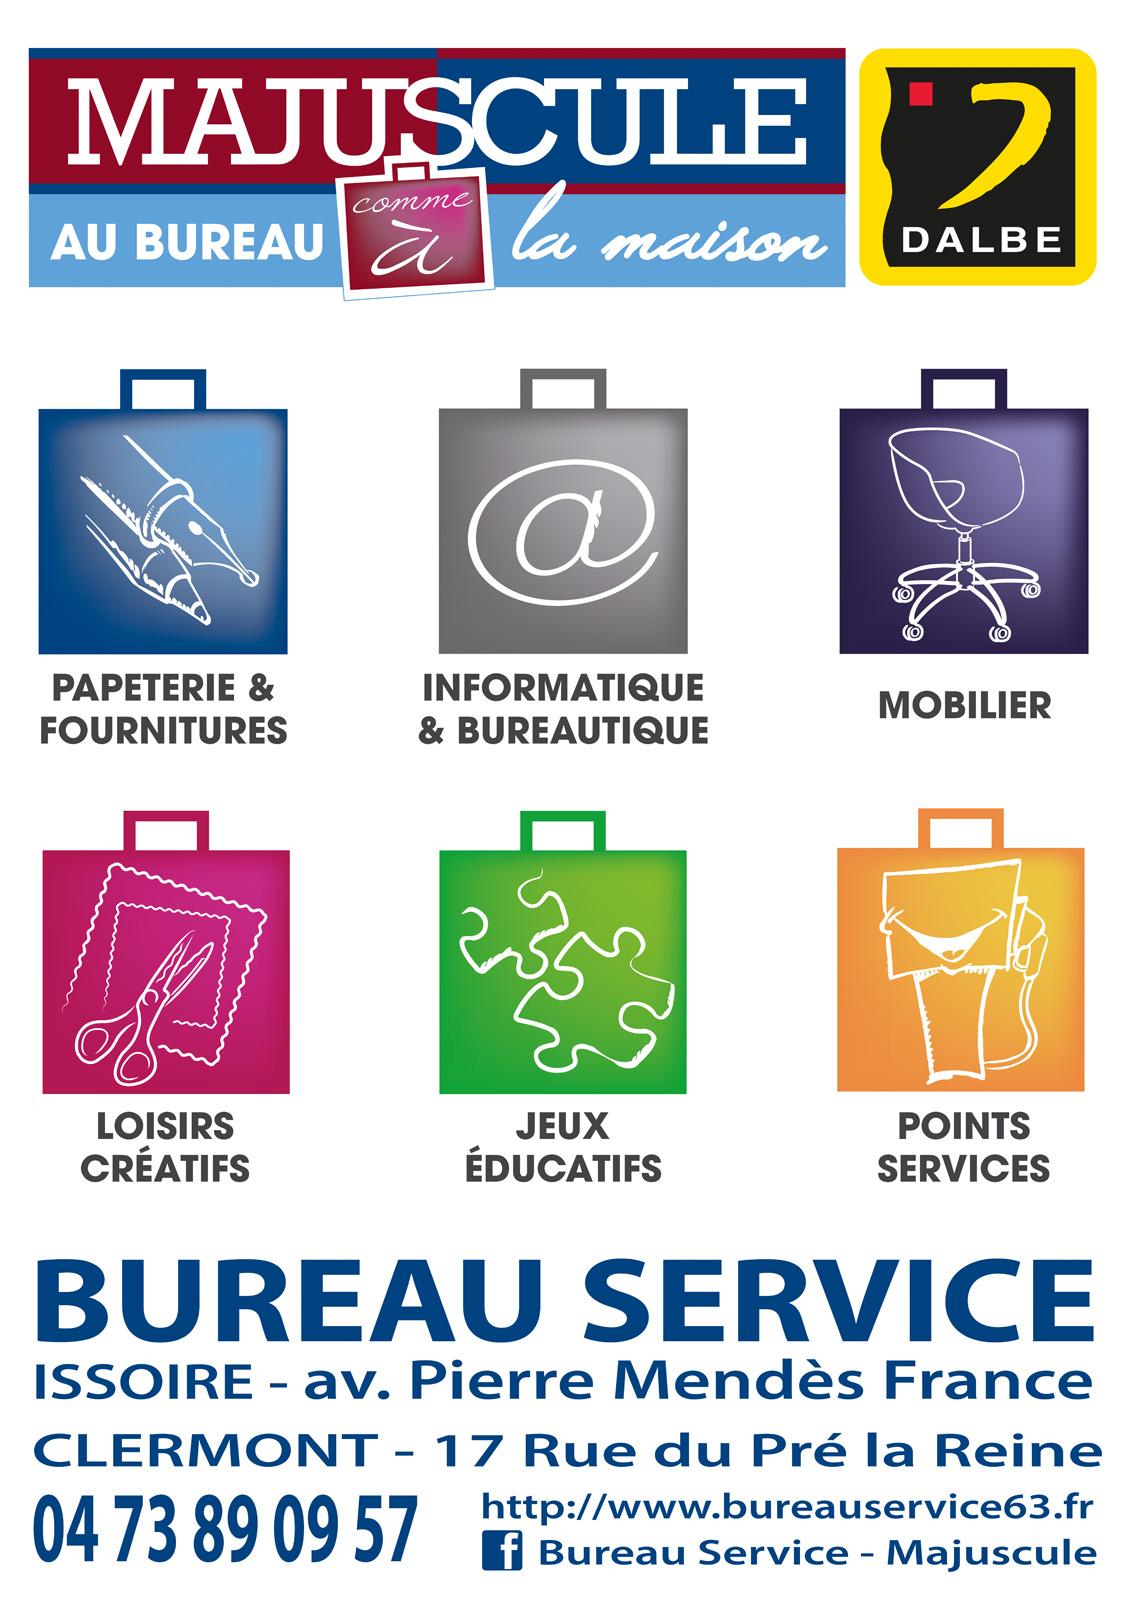 logo Majuscule - Bureau Service